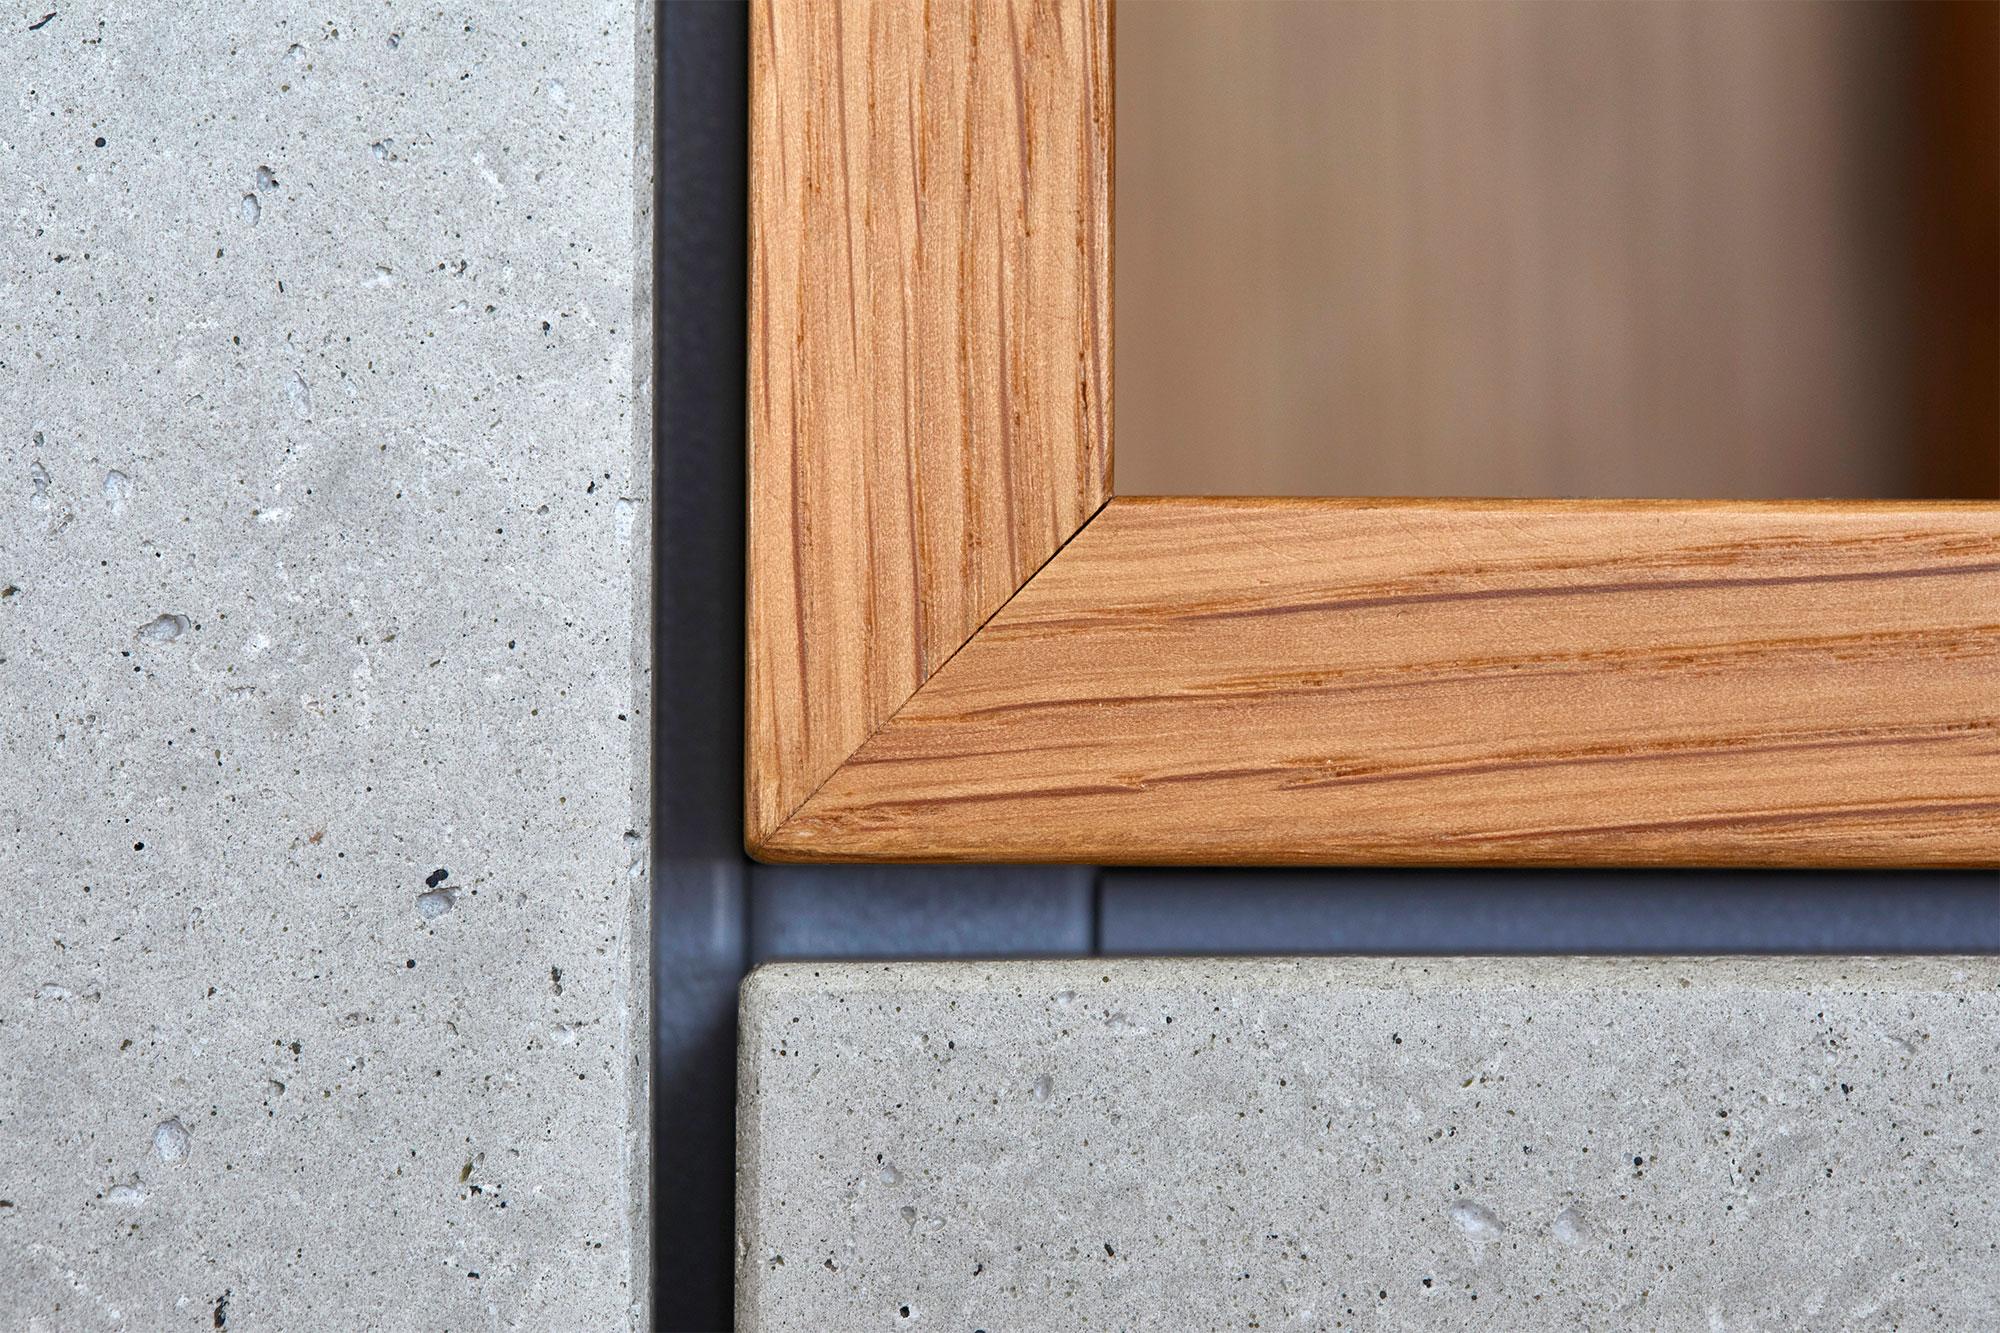 Tischlerei Stöckl Ebbs Wohnküche Echtbeton Inneneinrichtung Möbel Detailaufnahme Beton und Holz